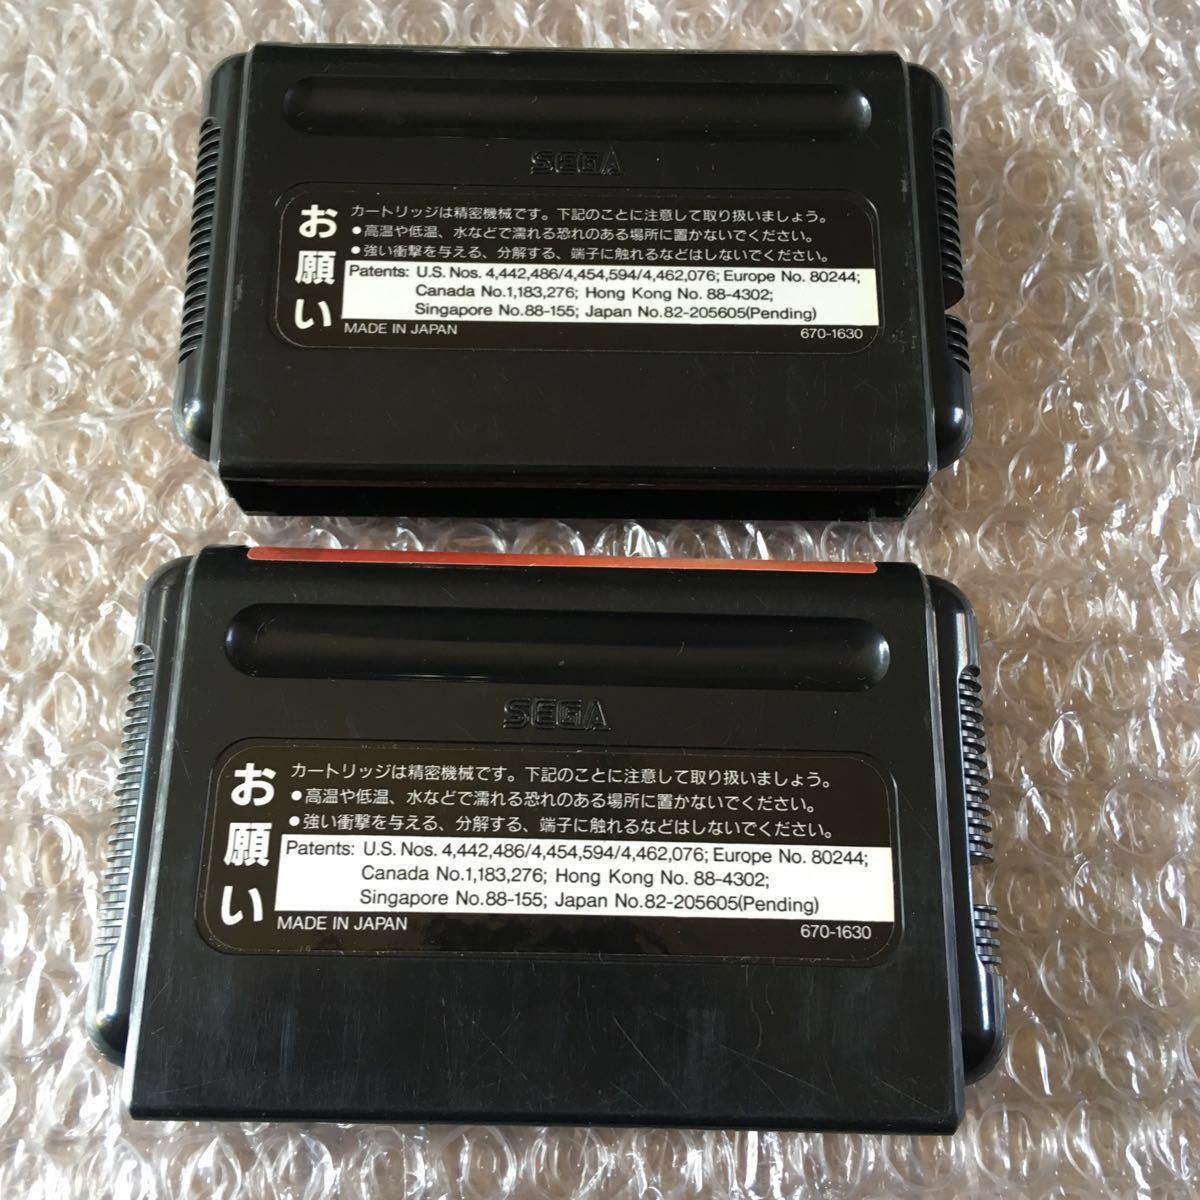 MD ベアナックル 1&2 2本セット 箱説付き セガ_画像9